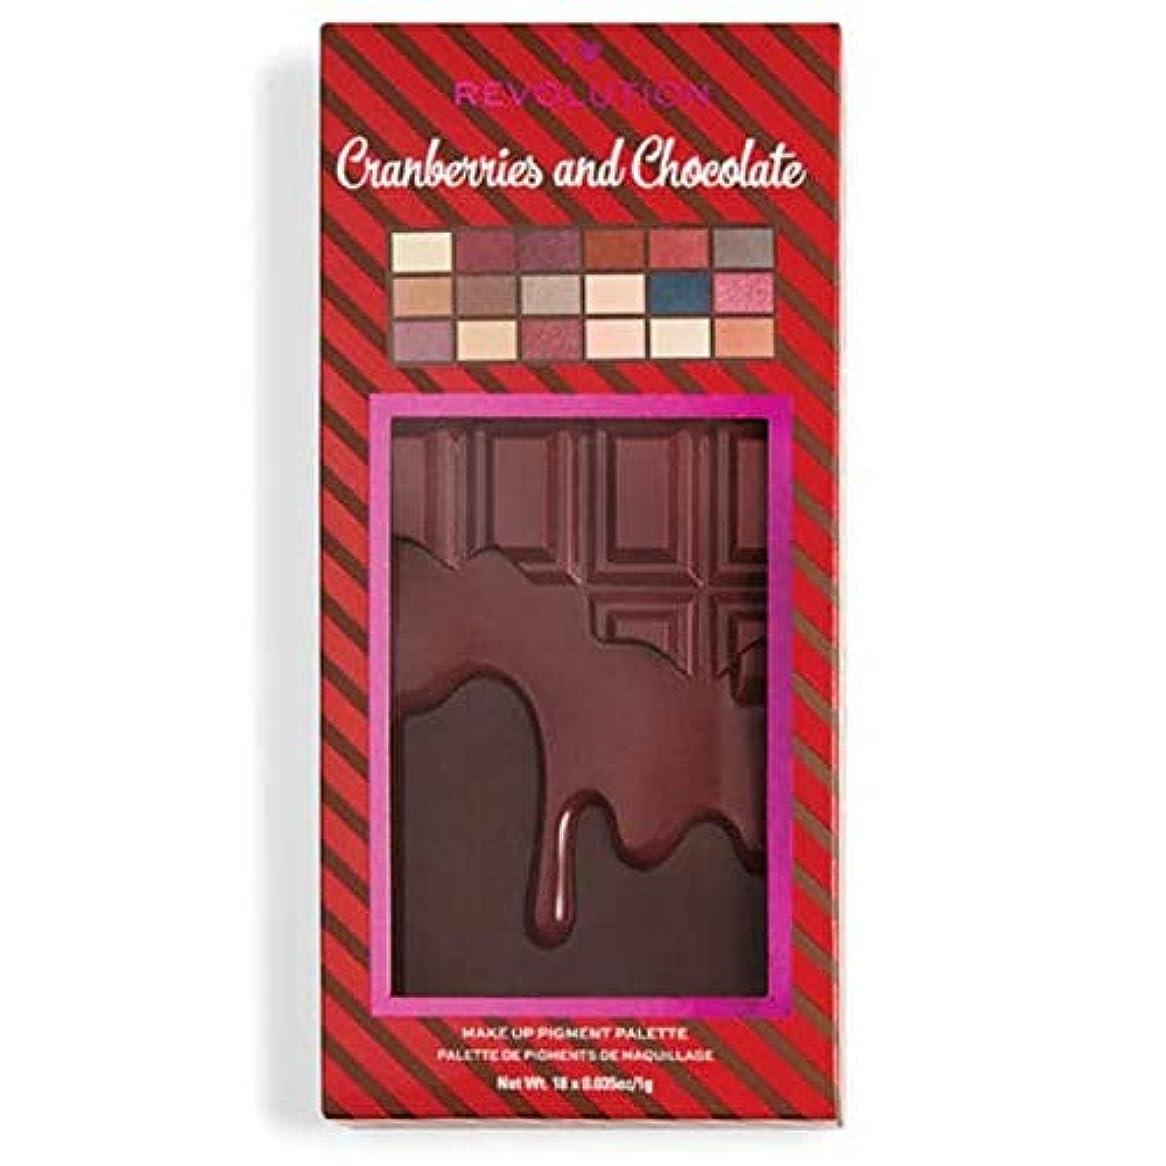 幸運ライセンス安いです[I Heart Revolution ] 私の心の革命クランベリー&チョコレートパレット - I Heart Revolution Cranberries & Chocolate Palette [並行輸入品]